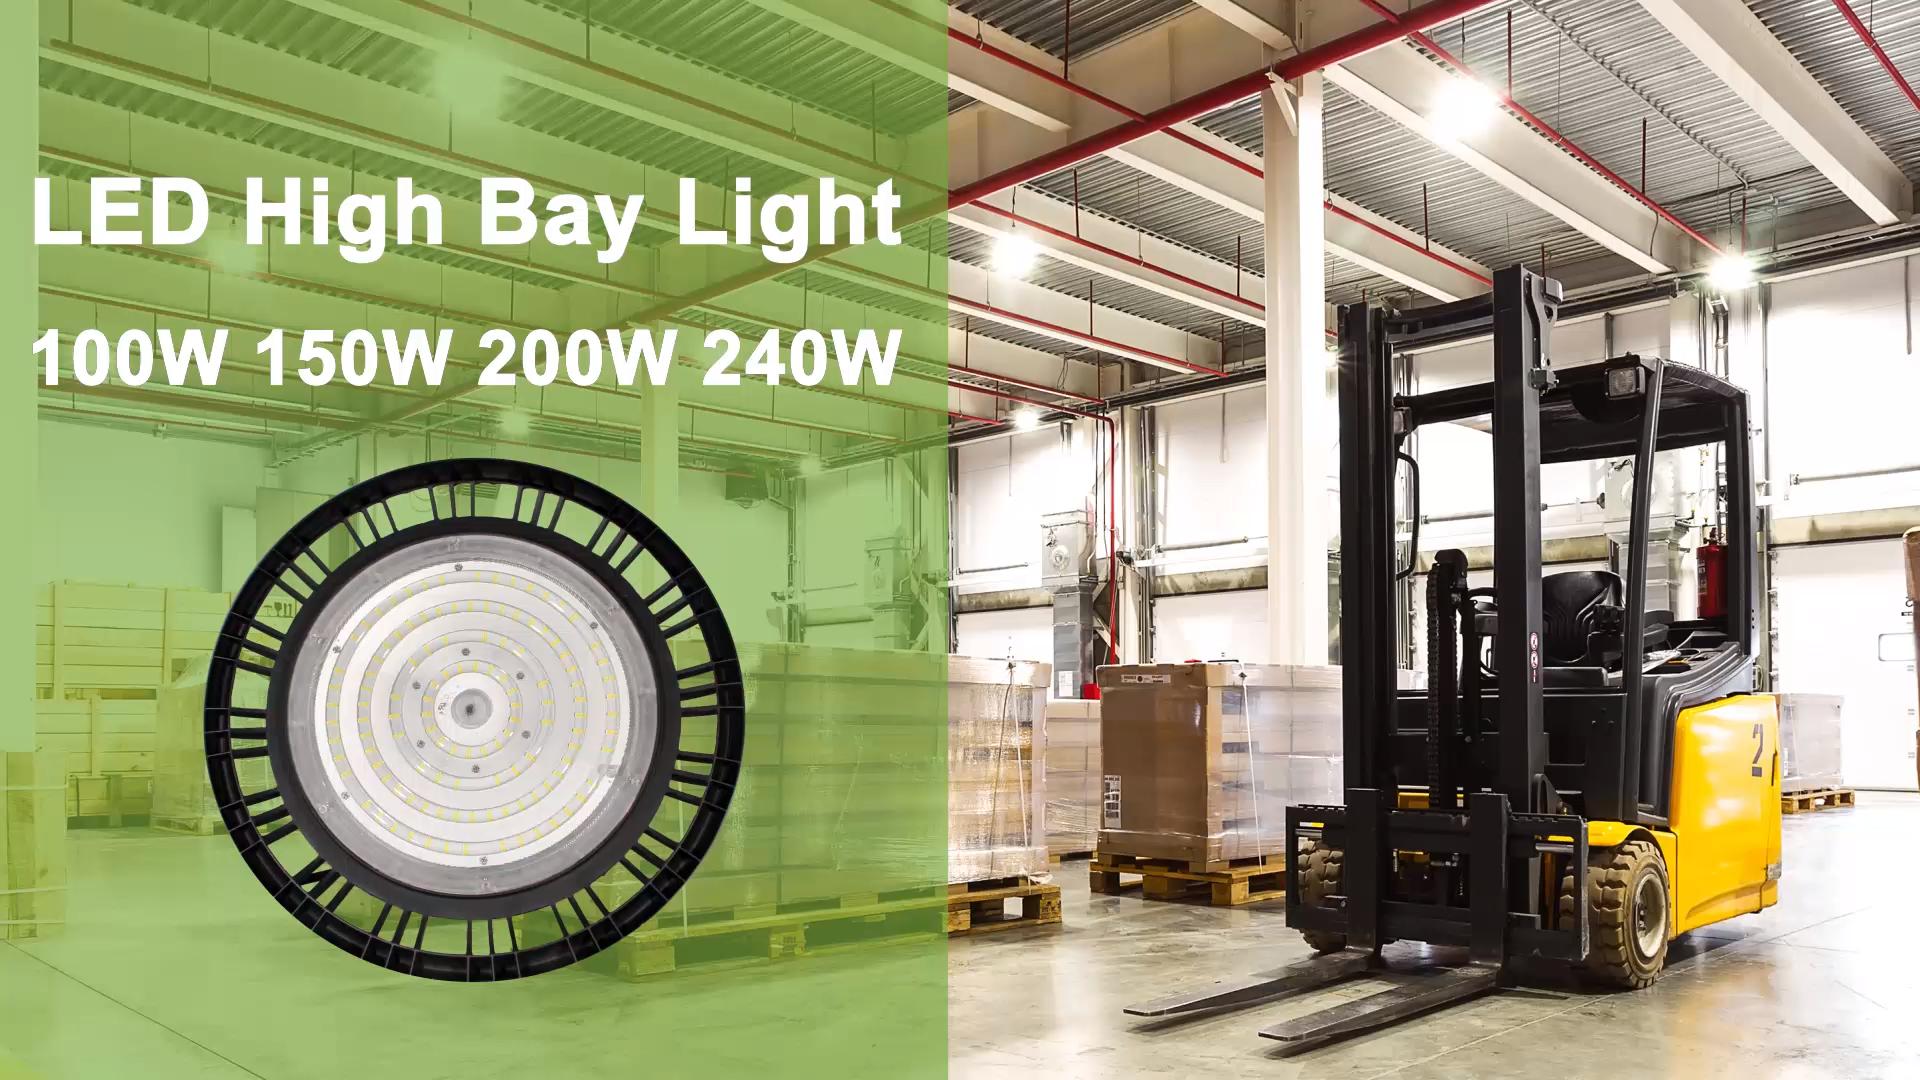 Фабричное складское промышленное освещение 100 Вт 150 Вт 200 Вт 240 Вт led high bay light